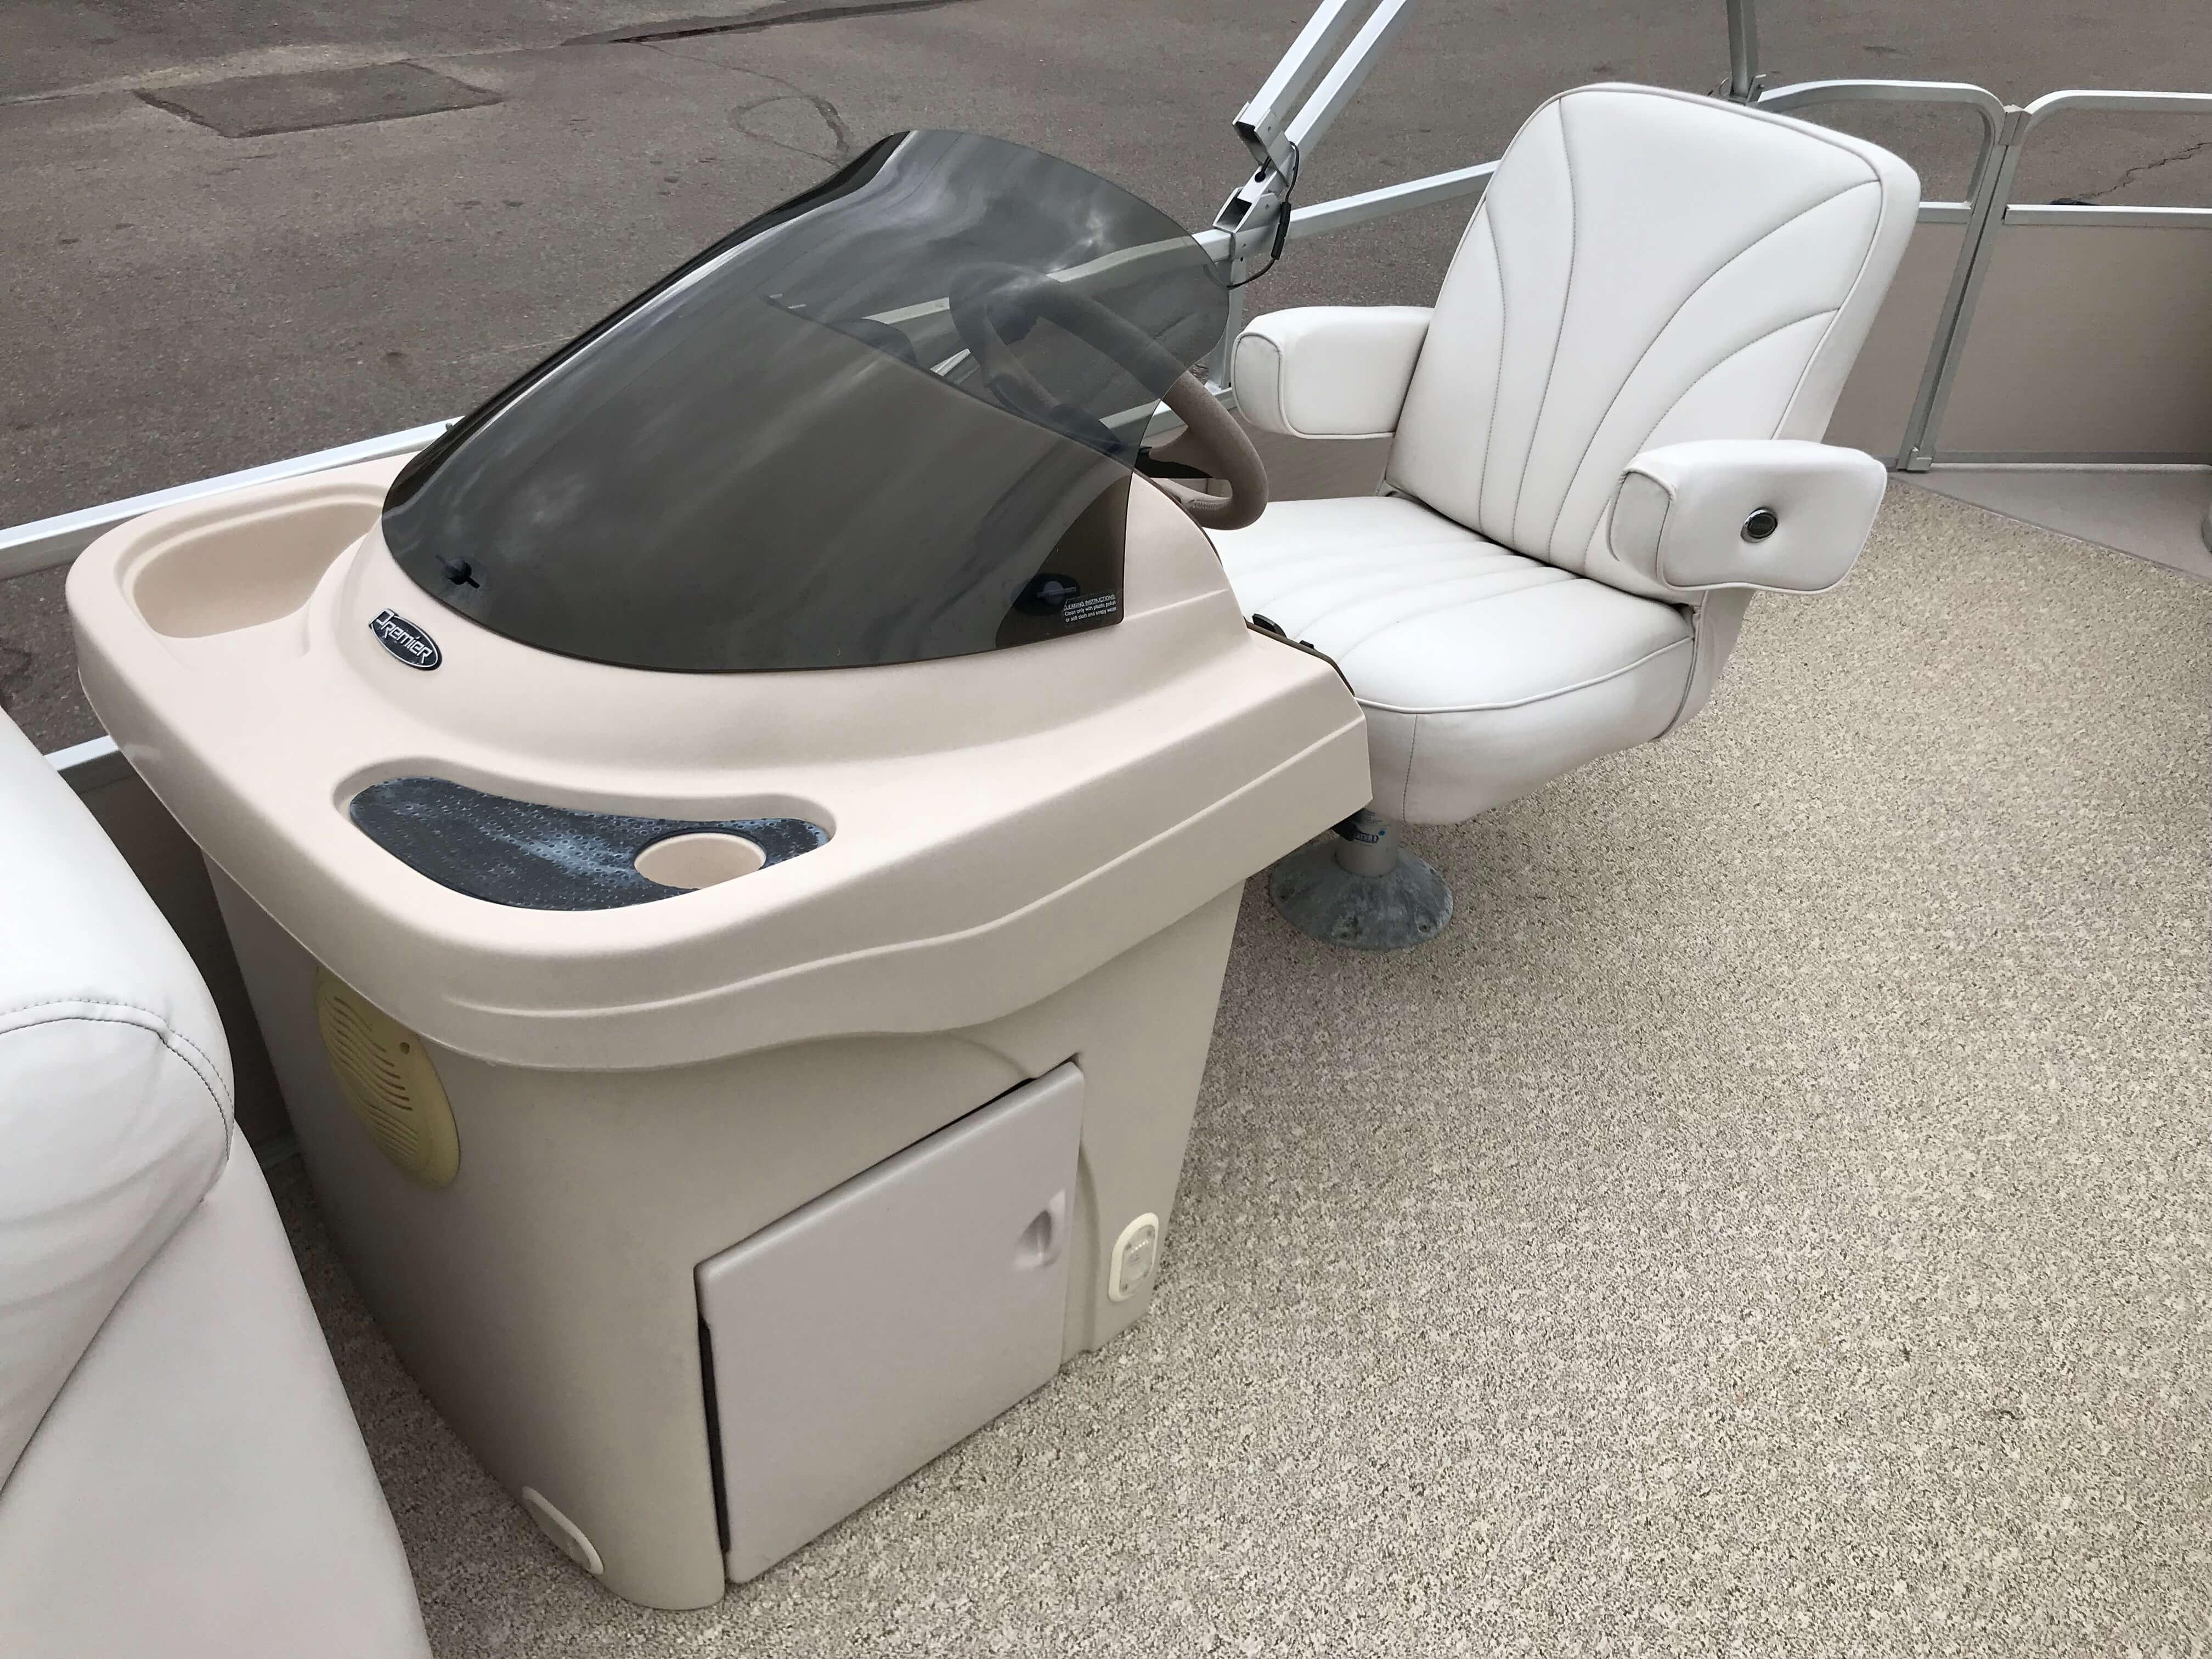 2005 Premier 225 Sunsation RE Pontoon Boat 10